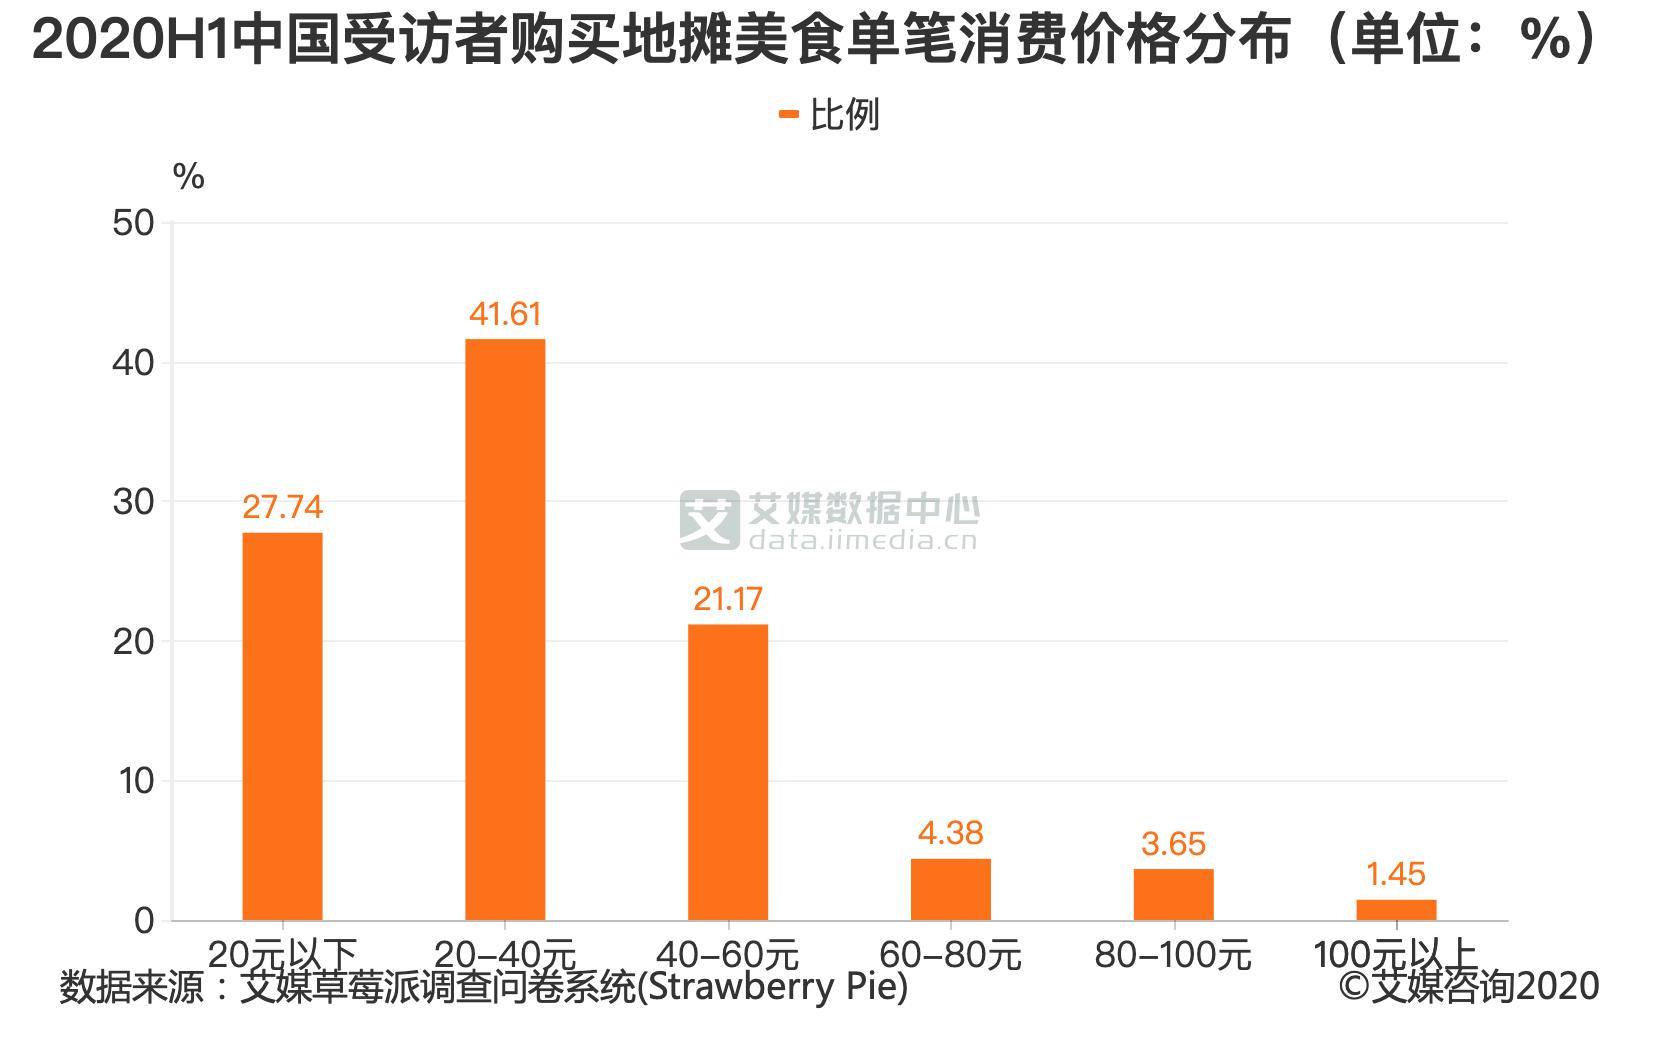 2020H1中国受访者购买地摊美食单笔消费价格分布(单位:%)